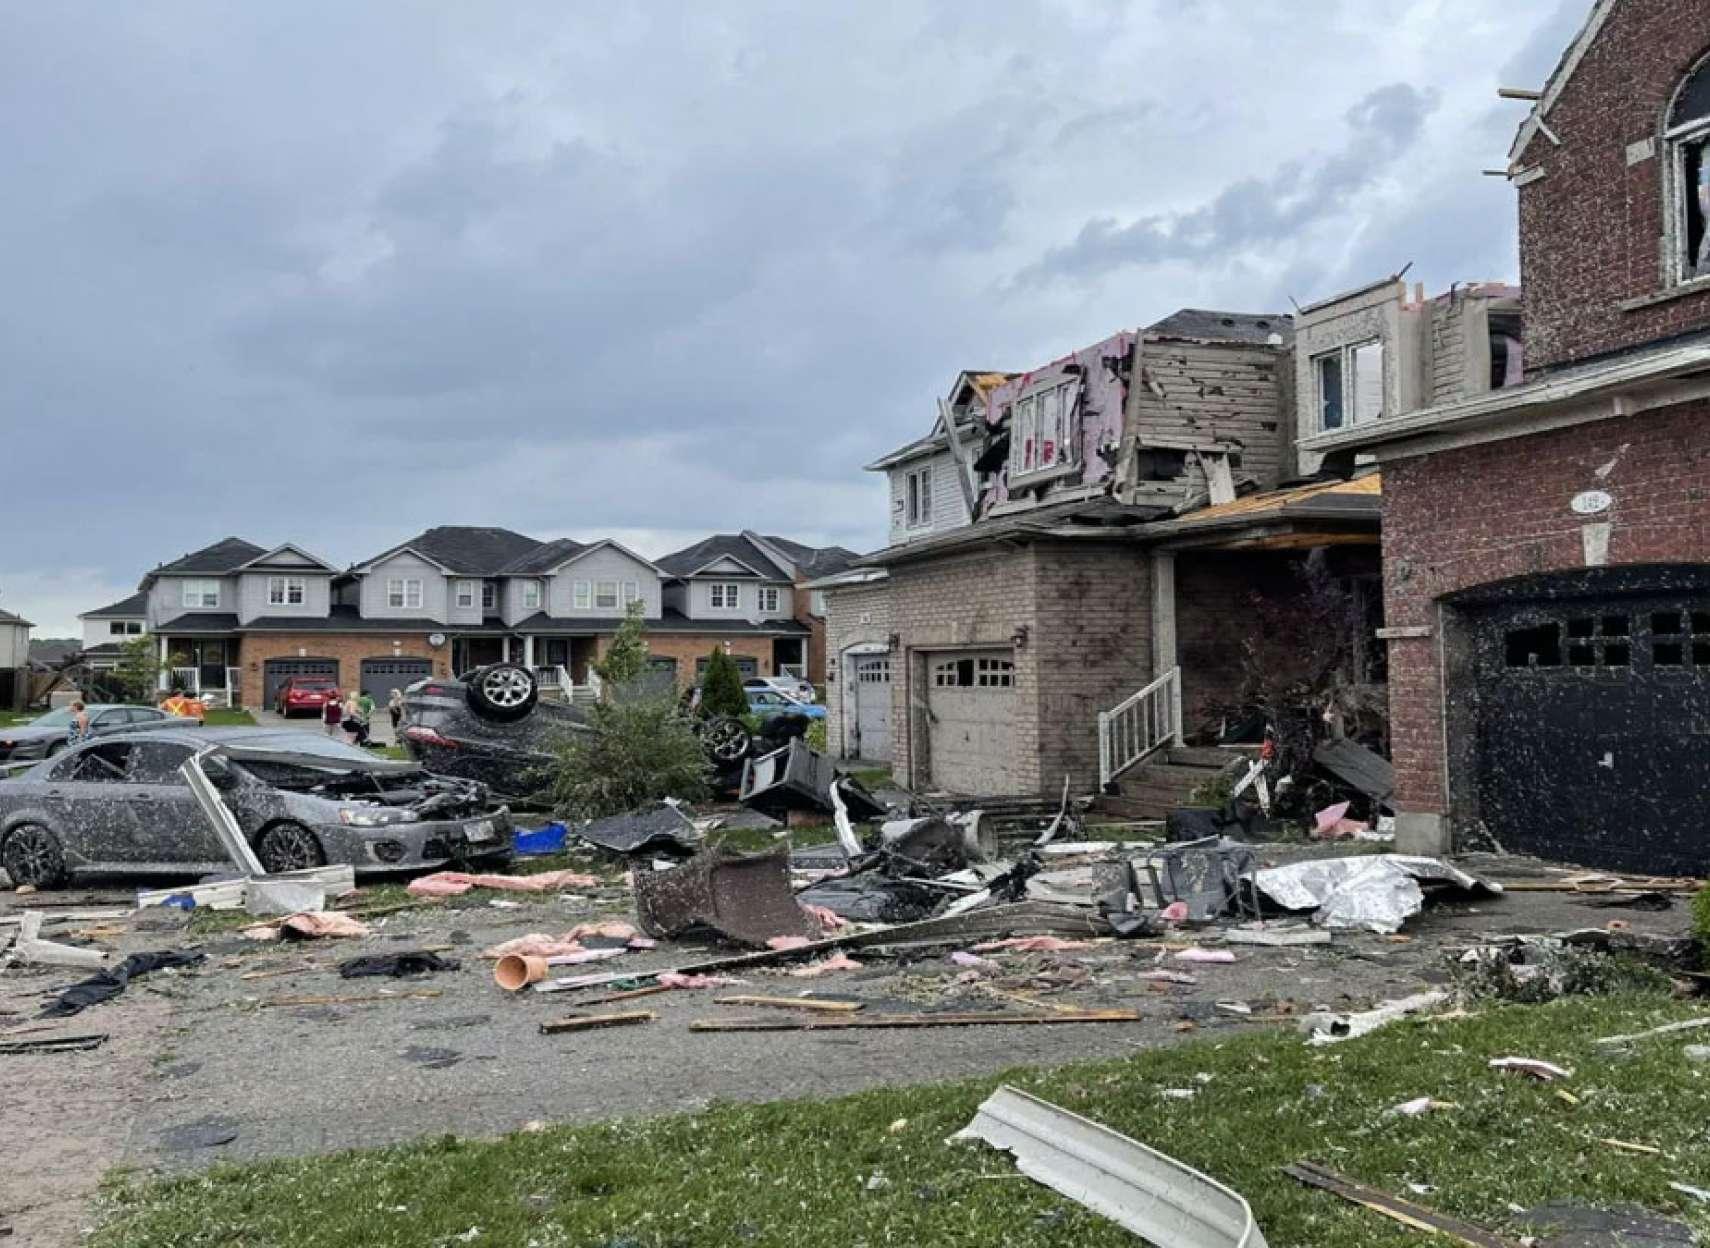 خبر-گردباد-شمال-تورنتو-خودروها-چپ-شده-سقفها-کنده-شده-تگرگ-به-اندازه-توپ-گلف-بارید-و-تعدادی-مجروح